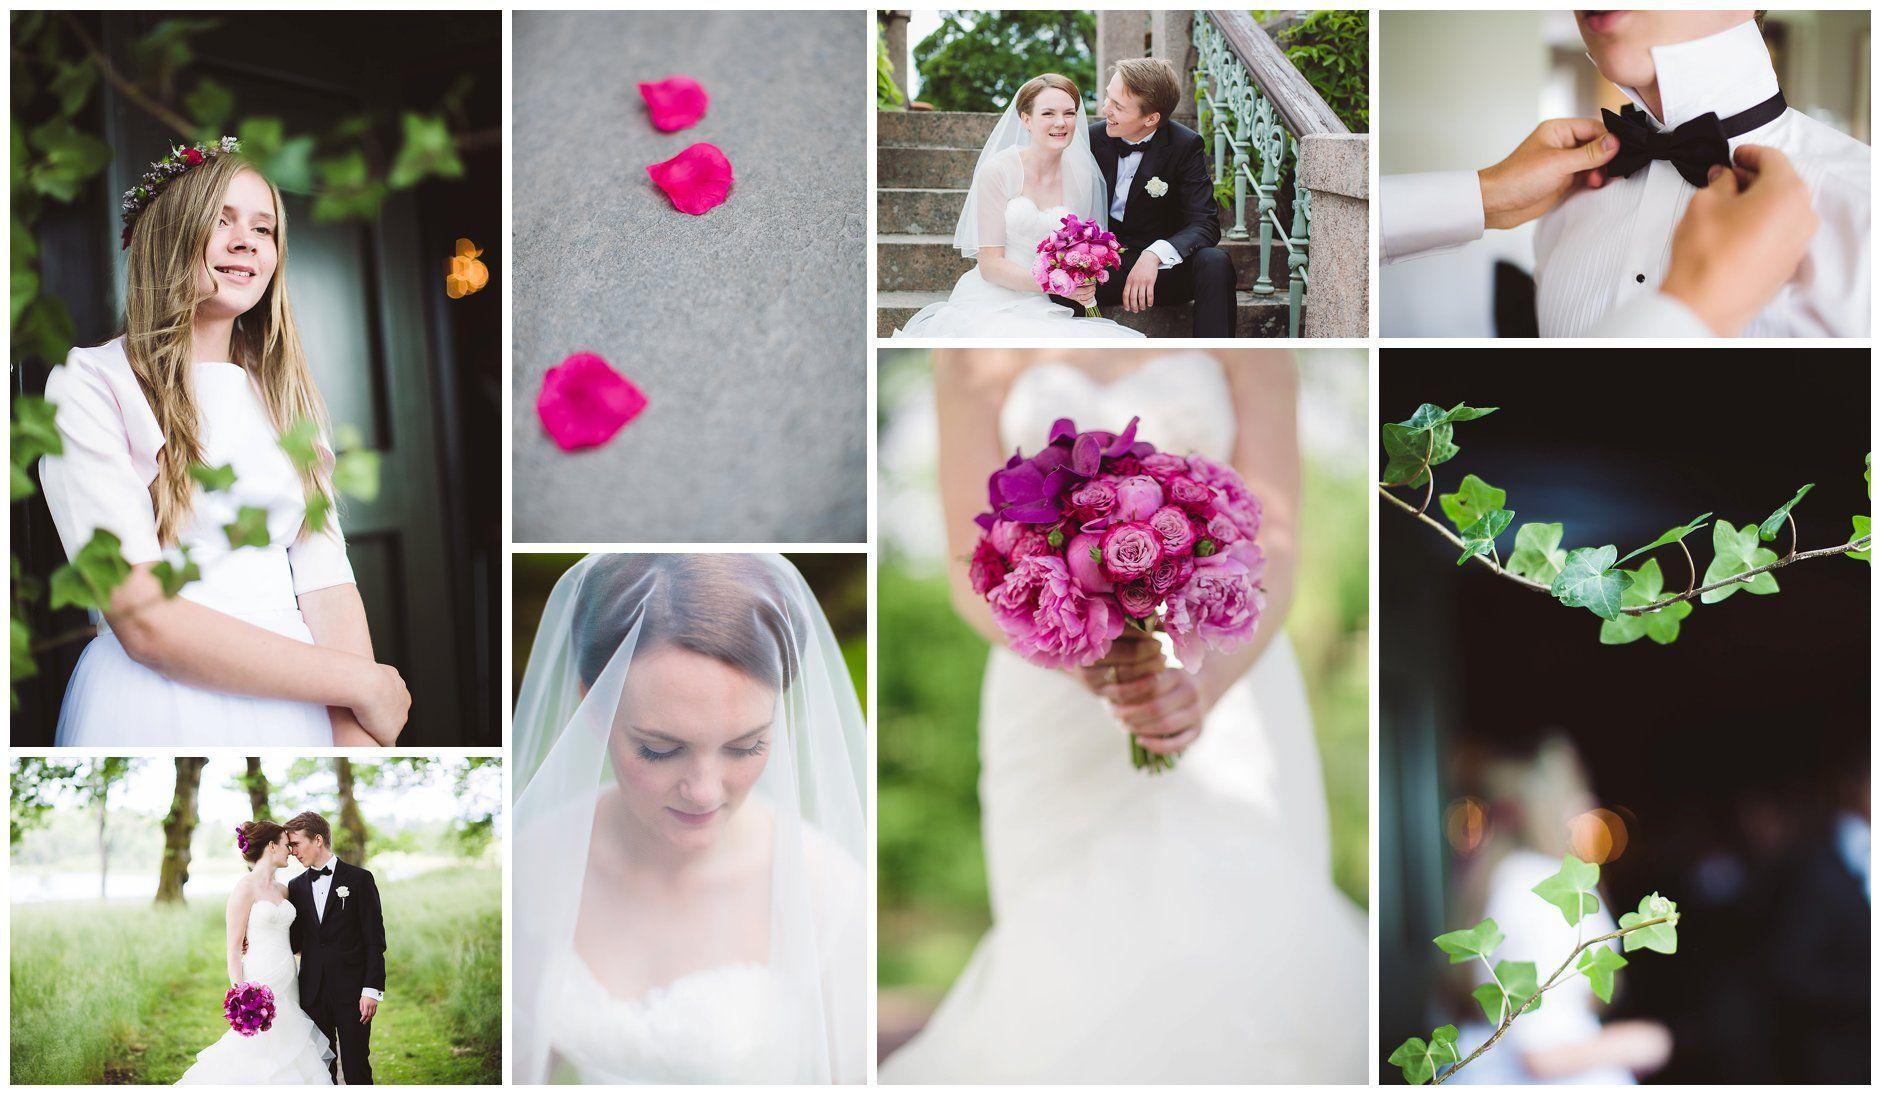 Fotograf-Eline-Jacobine-Bryllup-2014-fotografens-favoritter_0005